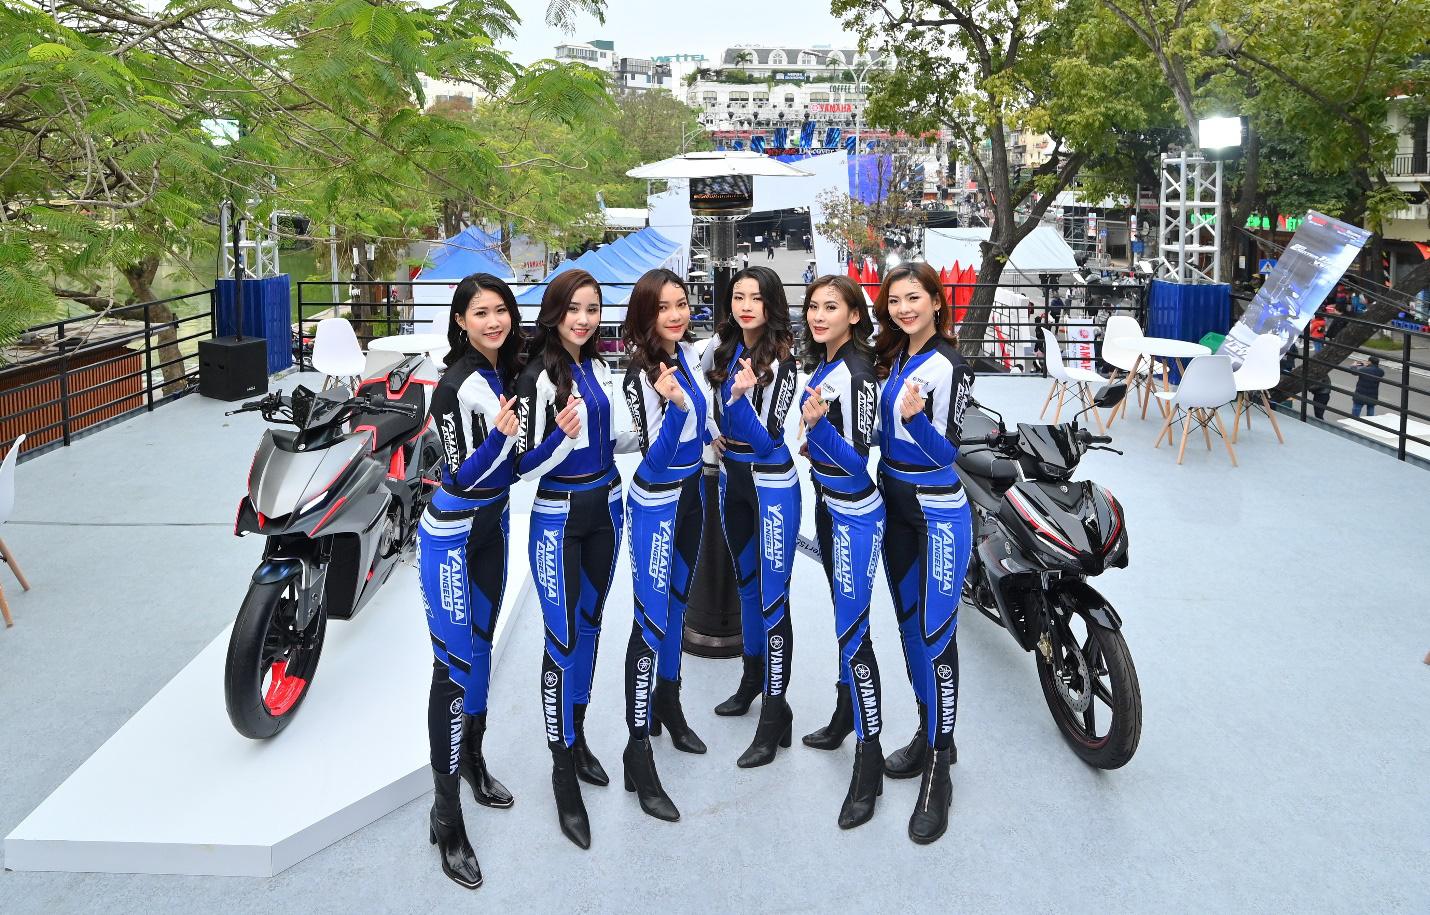 Yamaha Motor tiên phong tạo ra triển lãm motor show theo phong cách riêng chưa từng có tại Việt Nam - Ảnh 8.